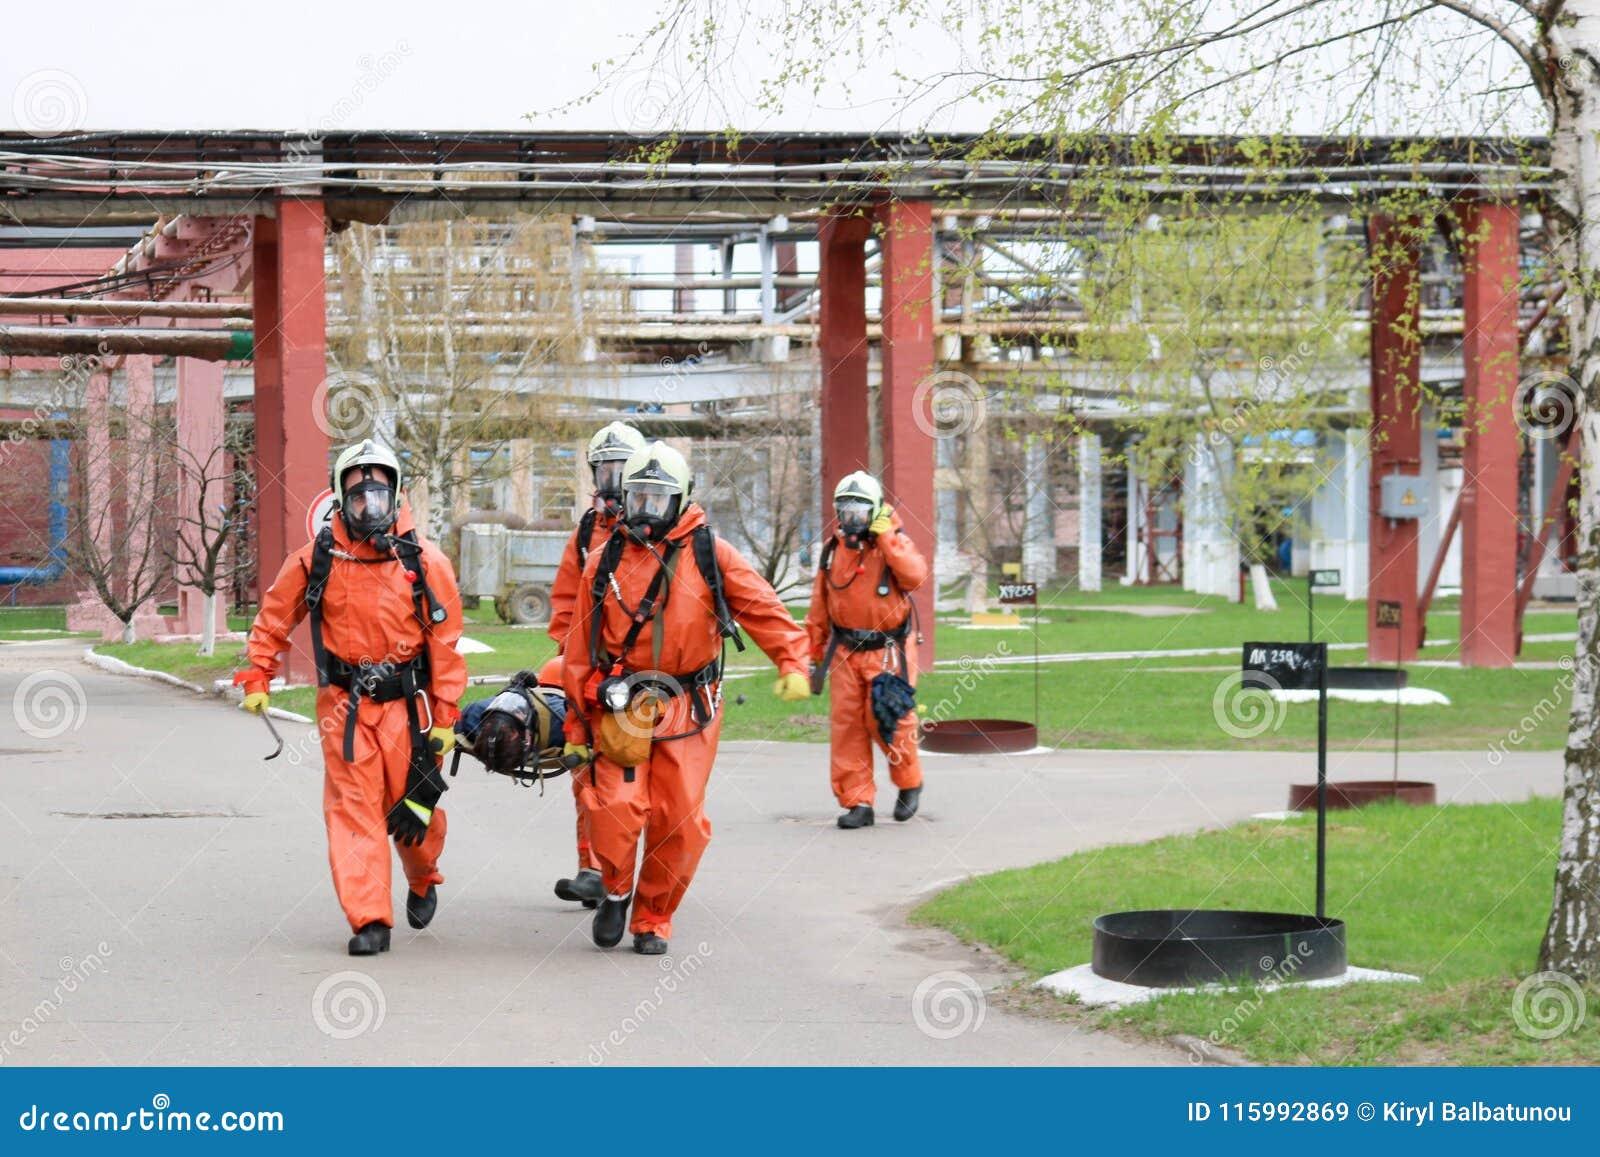 Τέσσερις επαγγελματικοί πυροσβέστες πυροσβεστών στα πορτοκαλιά προστατευτικά αλεξίπυρα κοστούμια, τα άσπρες κράνη και τις μάσκες